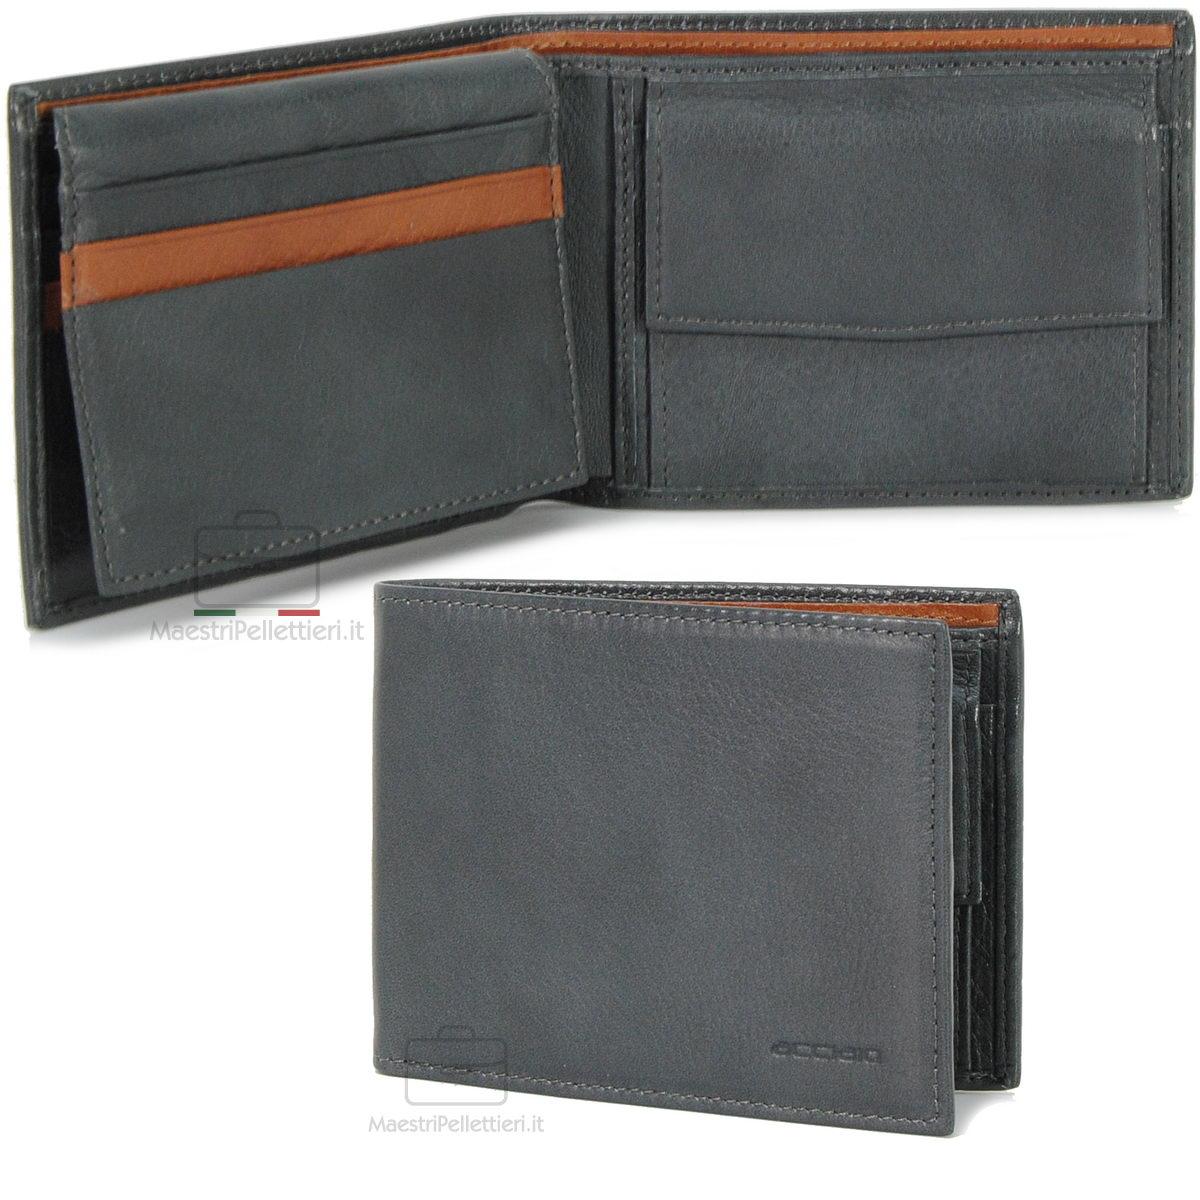 portafoglio grigio da uomo con aletta | Acciaio